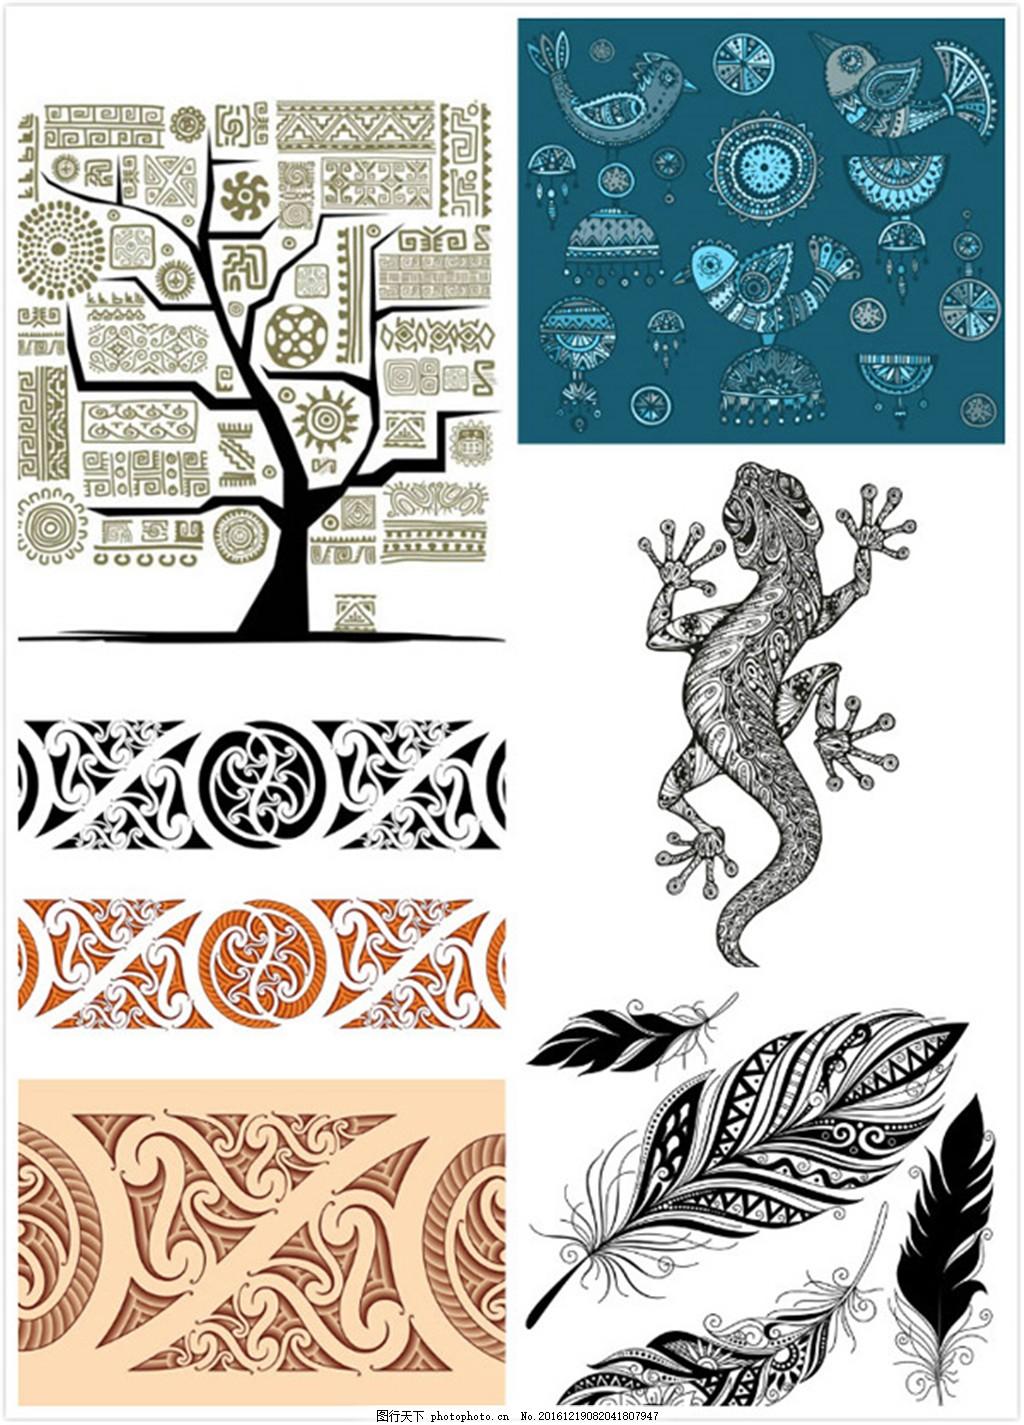 设计素材 创意设计 纹身 刺青 图案 大树 树木 羽毛 壁虎 小鸟 黑白 e